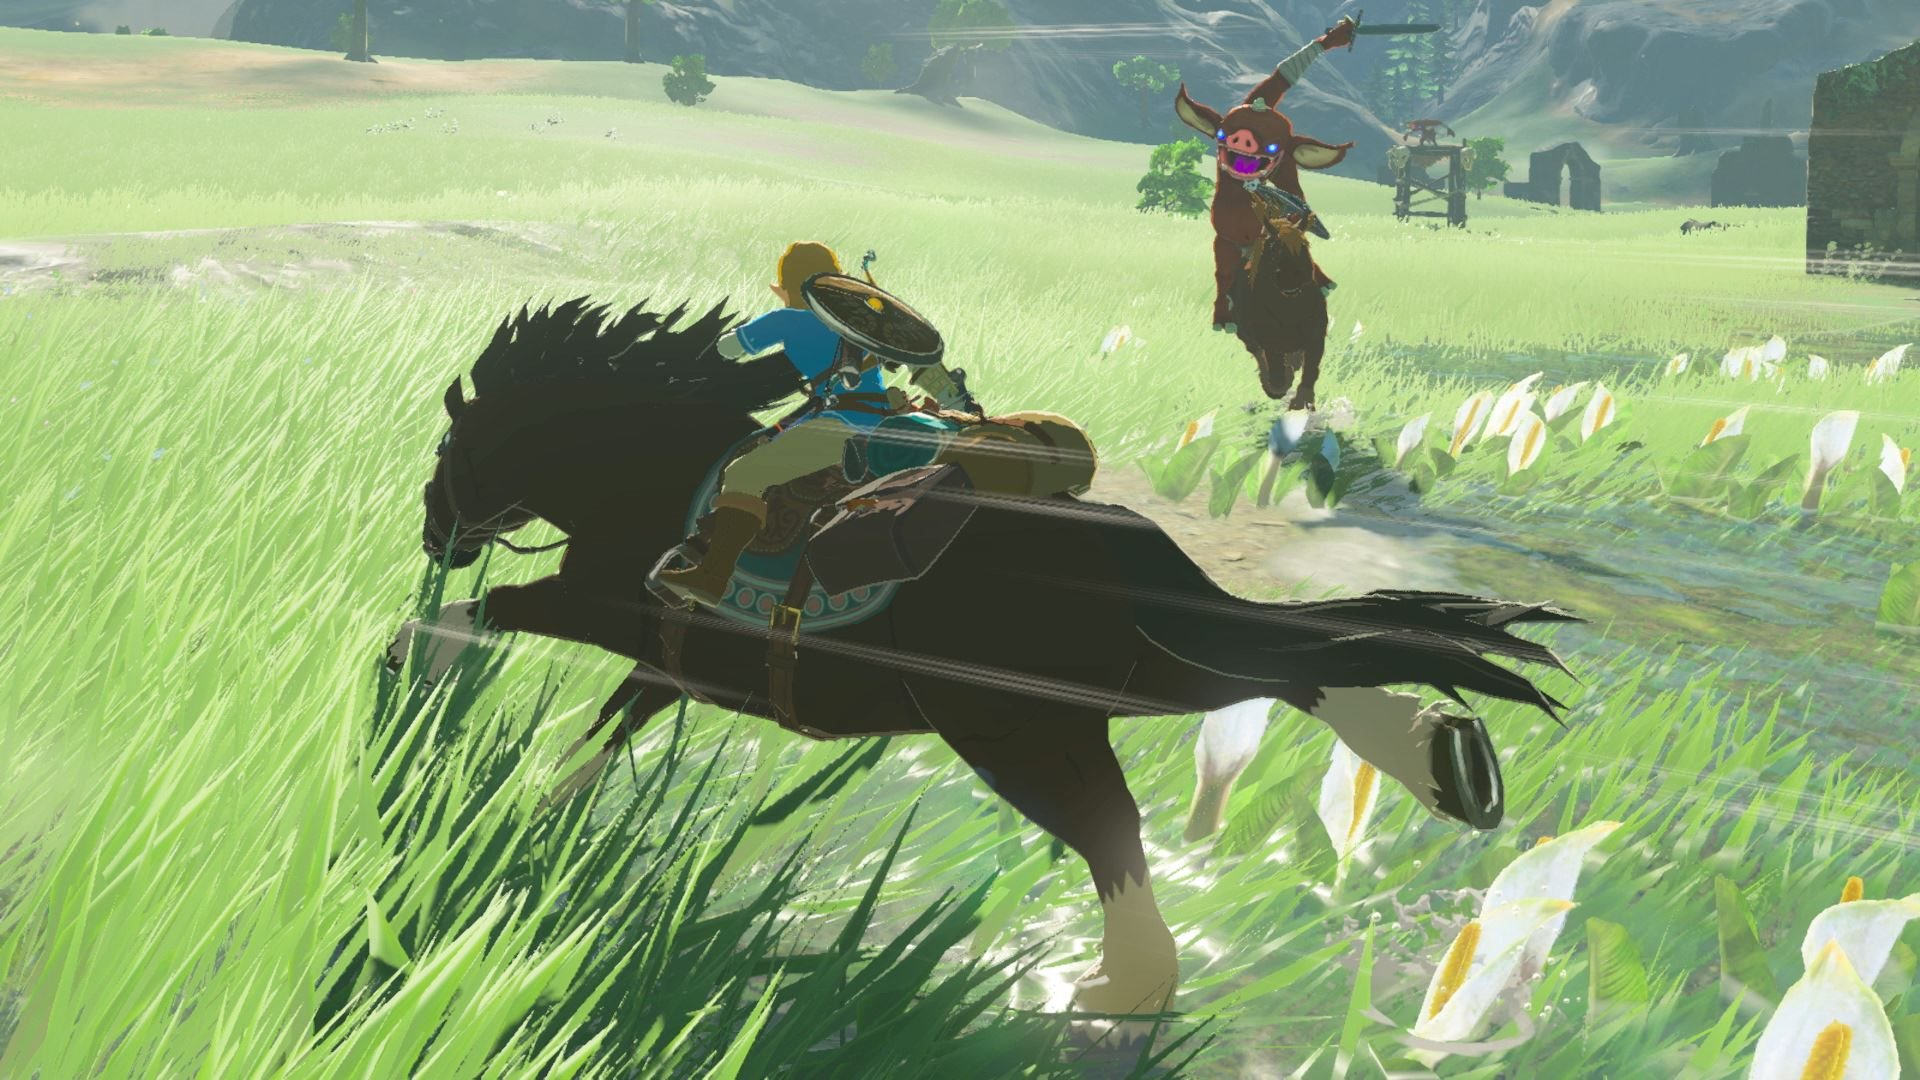 Screenshot The Legend of Zelda: Breath of the Wild